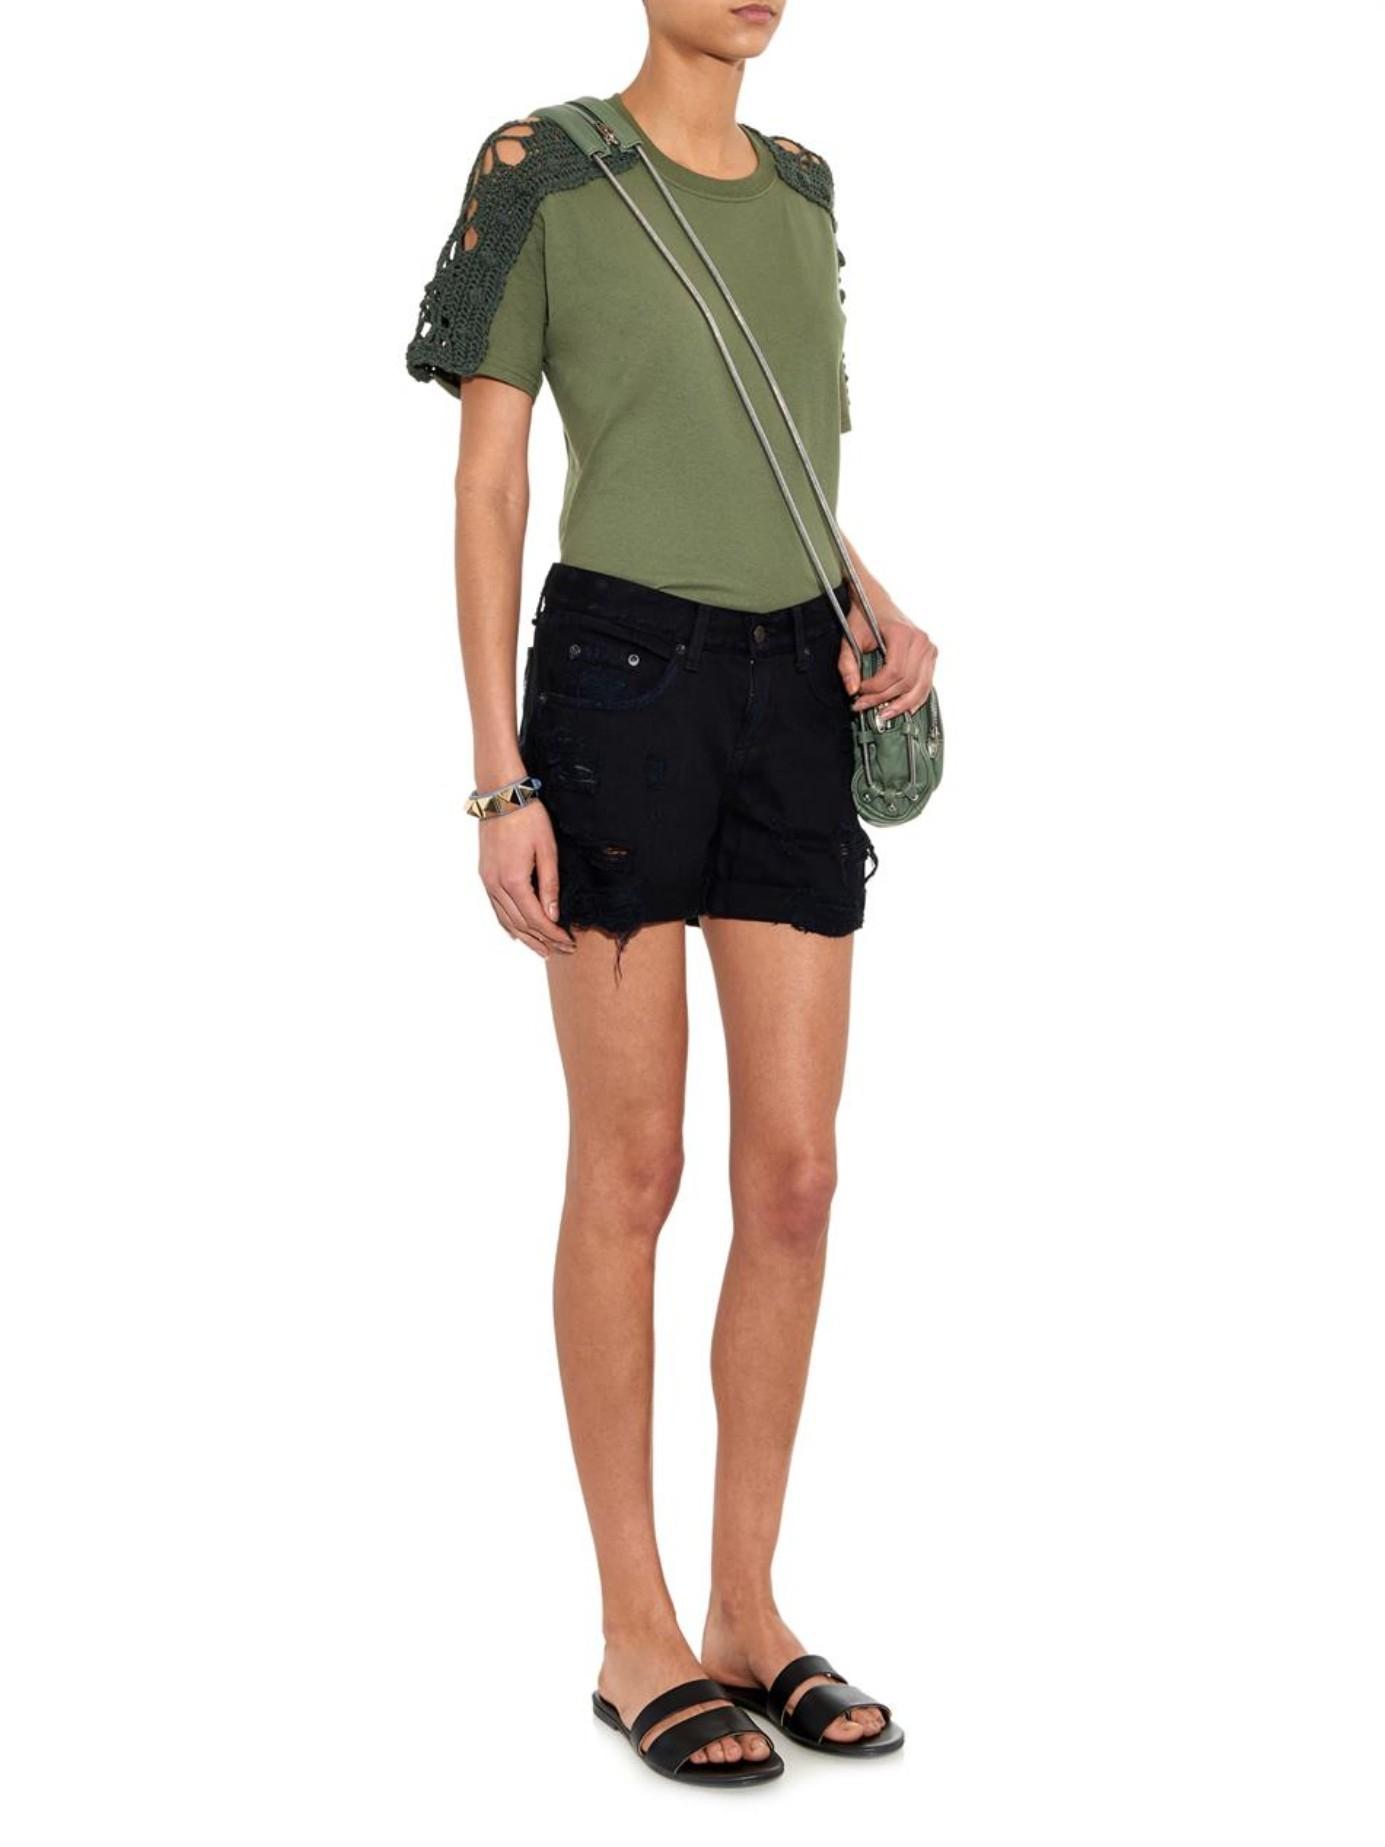 Rag & bone The Boyfriend Distressed Denim Shorts in Black | Lyst